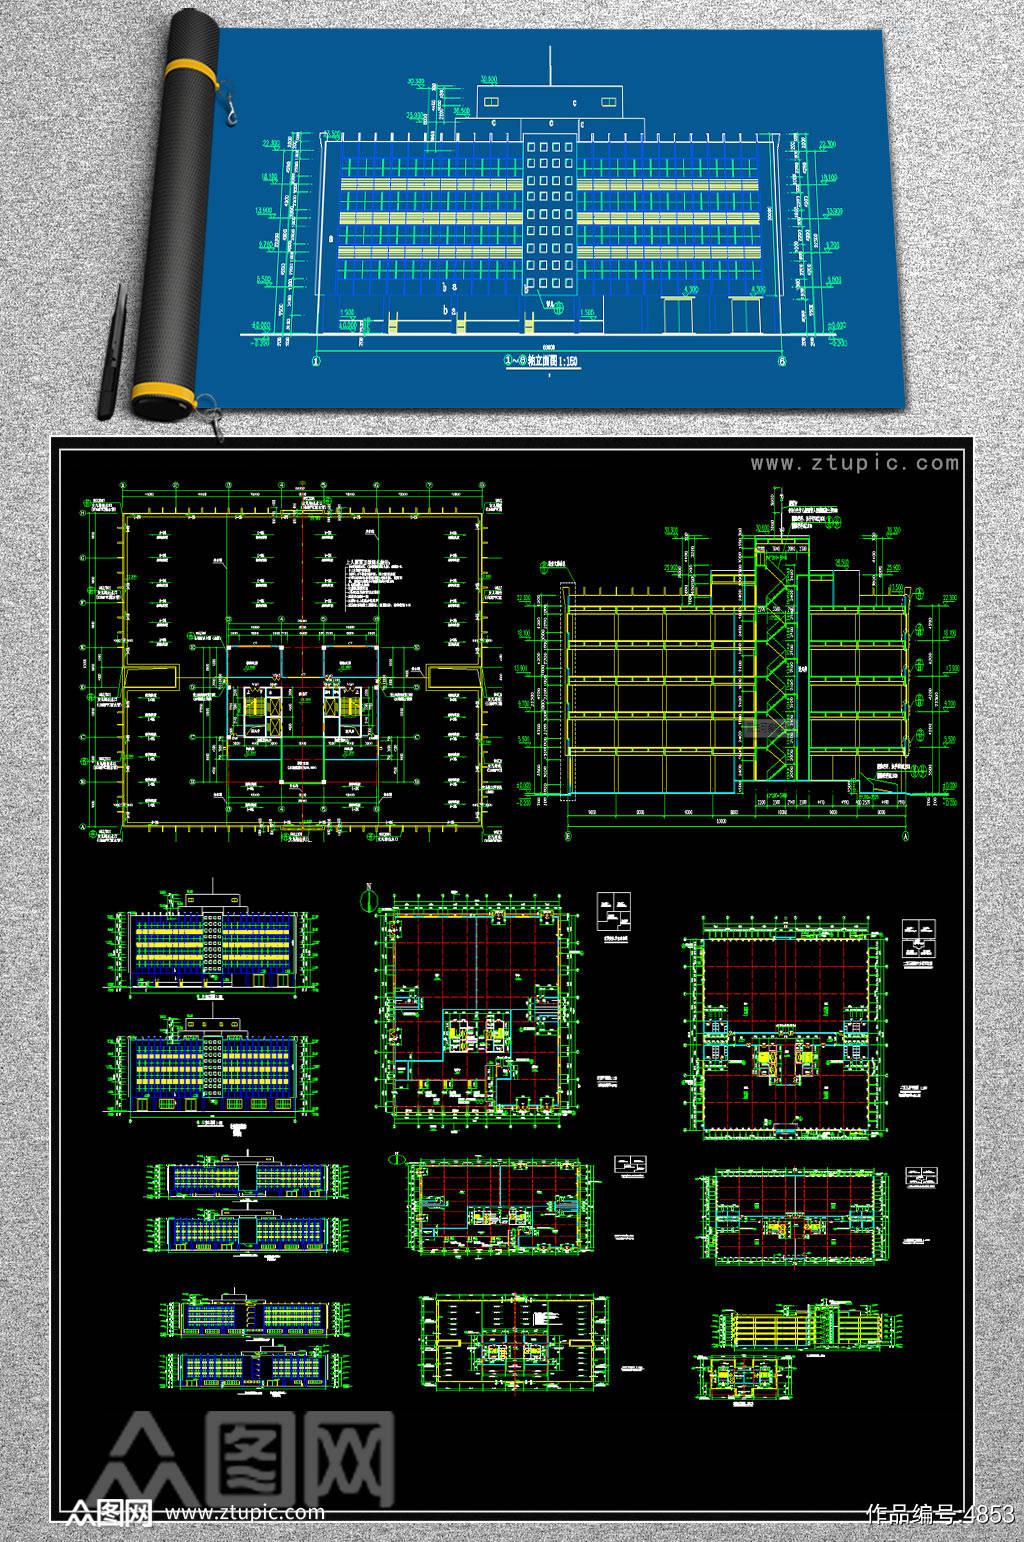 原创全套厂房CAD施工图效果图素材